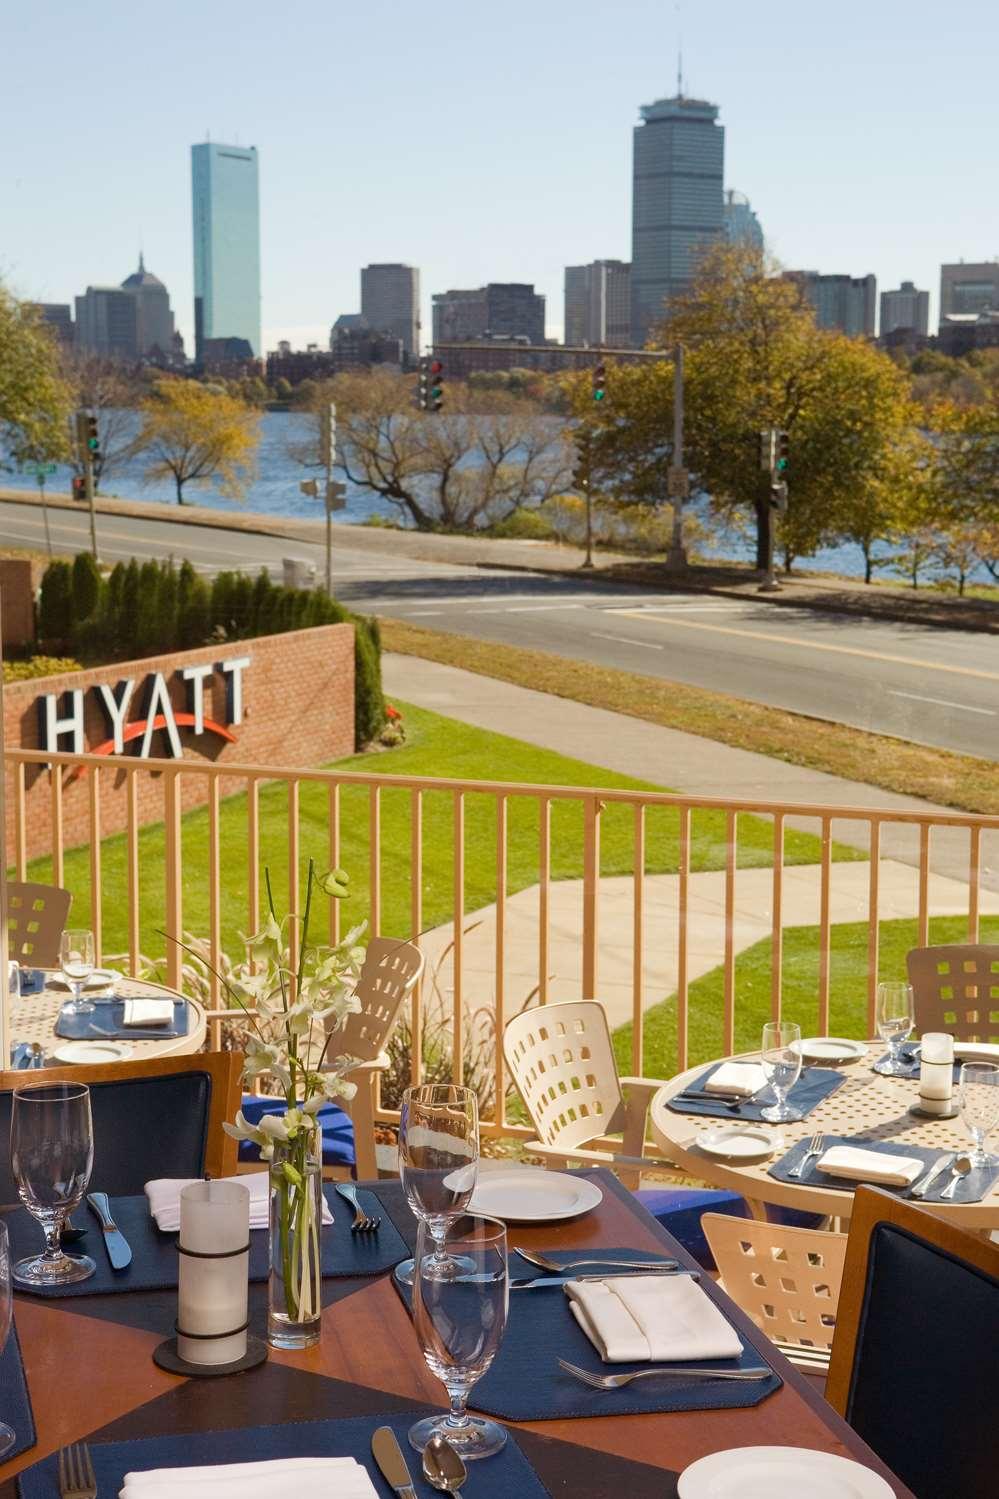 Restaurant - Hyatt Regency Hotel Cambridge